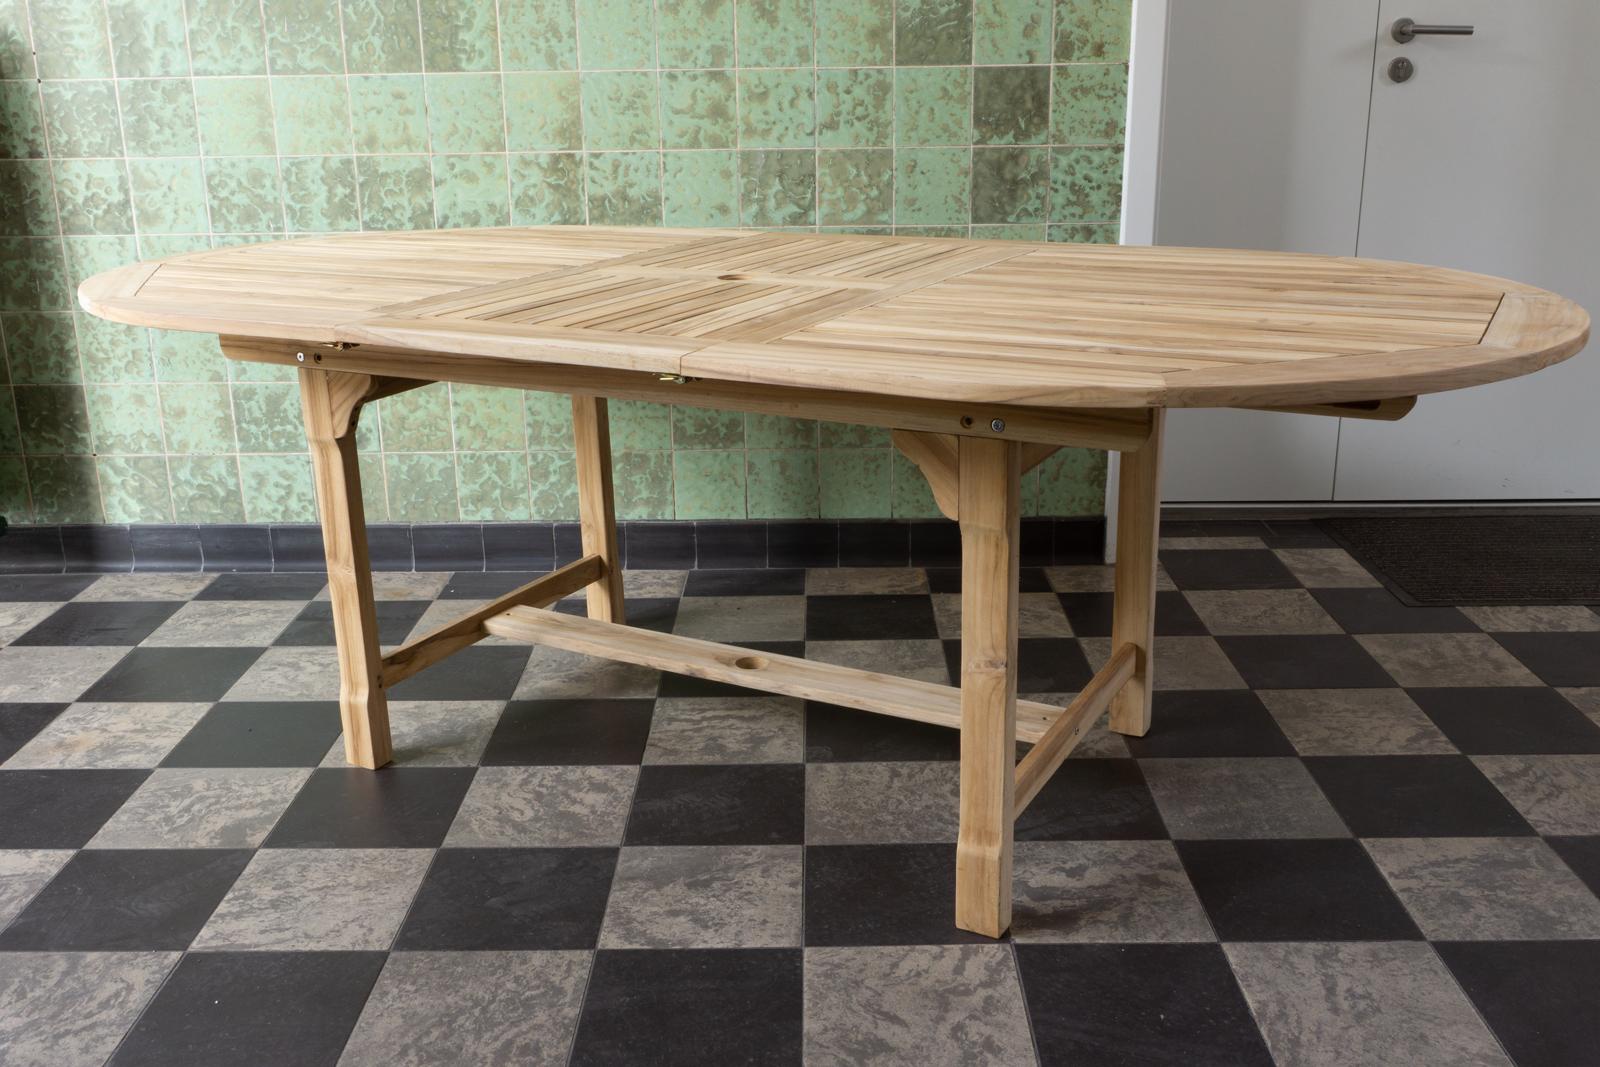 Full Size of Garten Tisch Gartentisch Oval Ausziehbar 170 220 110 74 Teak Bewässerungssysteme Skulpturen Esstisch Und Stühle Holz Massiv Holzplatte Esstische Leuchtkugel Garten Garten Tisch